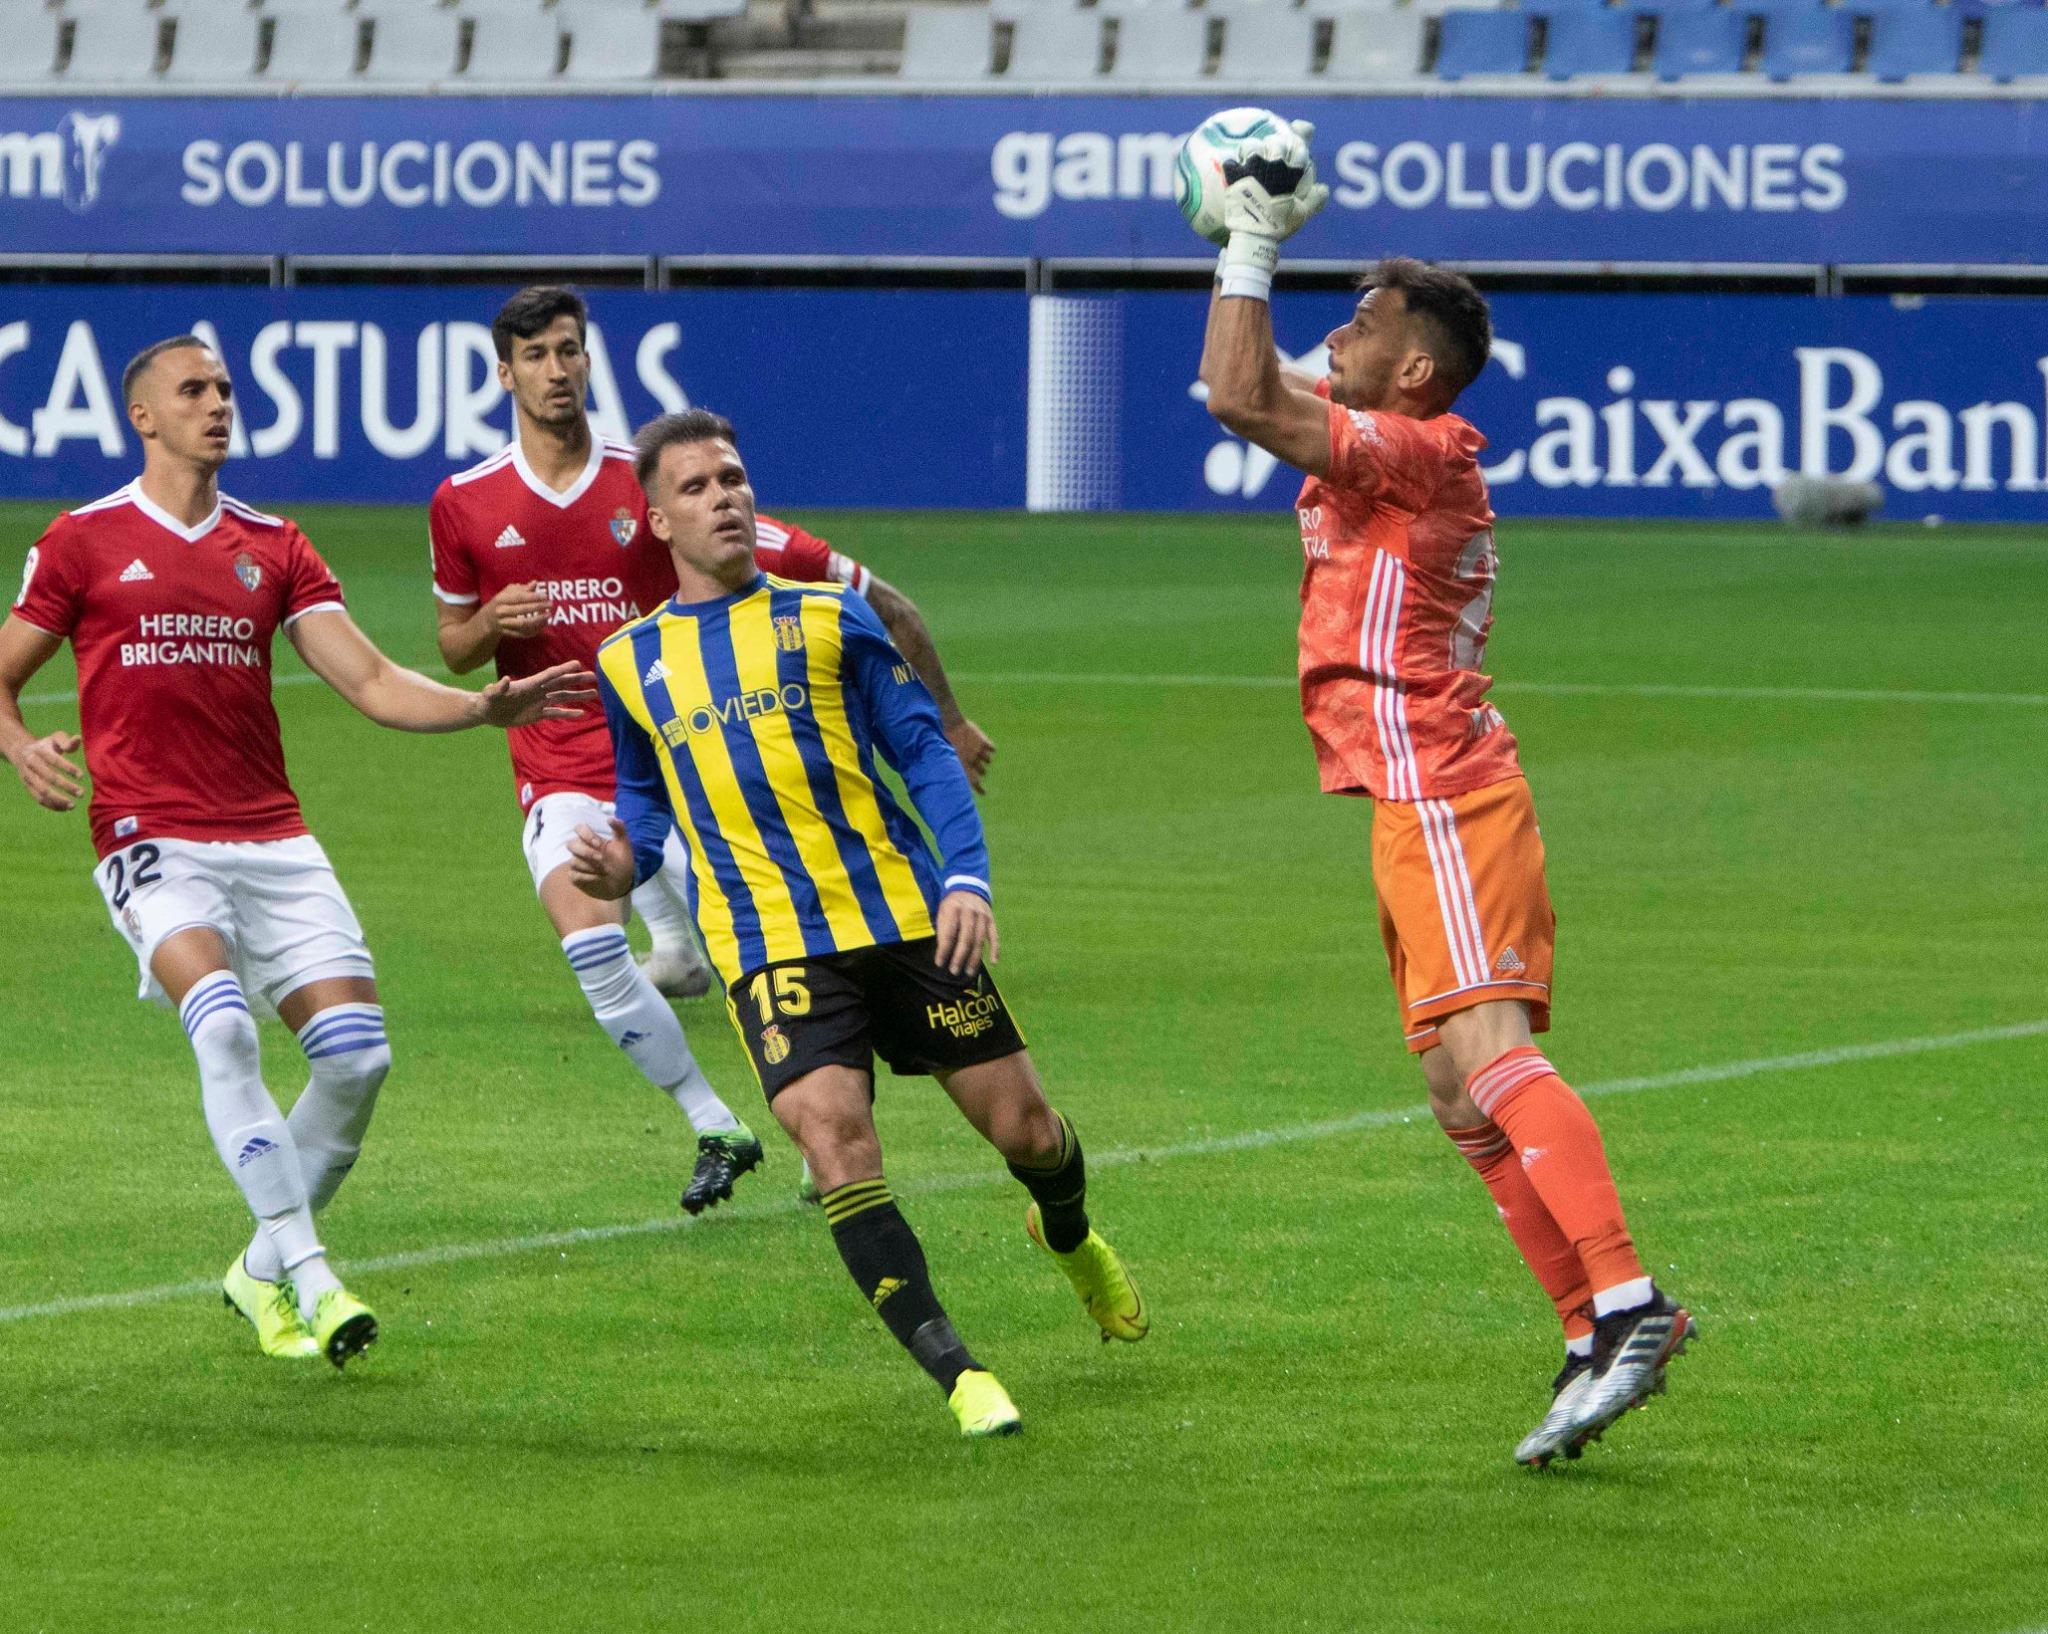 Real Oviedo 0 - SD Ponferradina 0. La Deportiva regresa de Oviedo con la sensación de haber dejado escapar los tres puntos 13